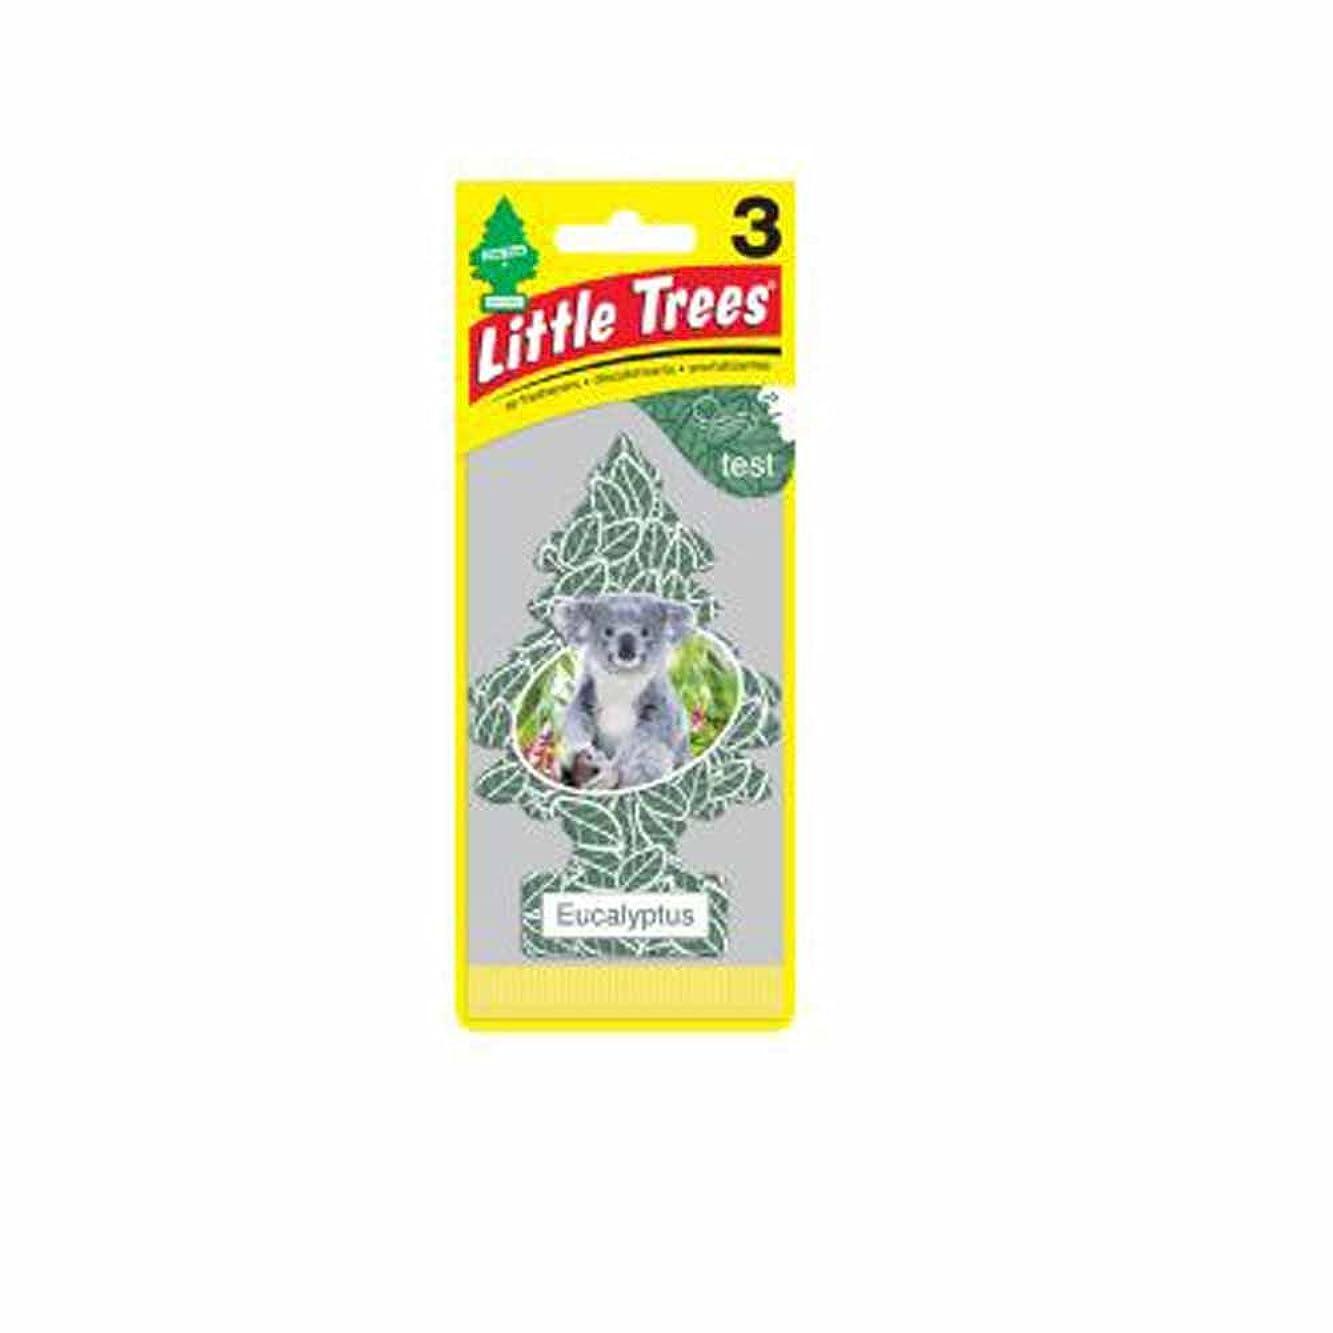 有益暗殺販売員Little Trees 吊下げタイプ エアーフレッシュナー eucalyptus(ユーカリ) 3枚セット(3P) U3S-37365